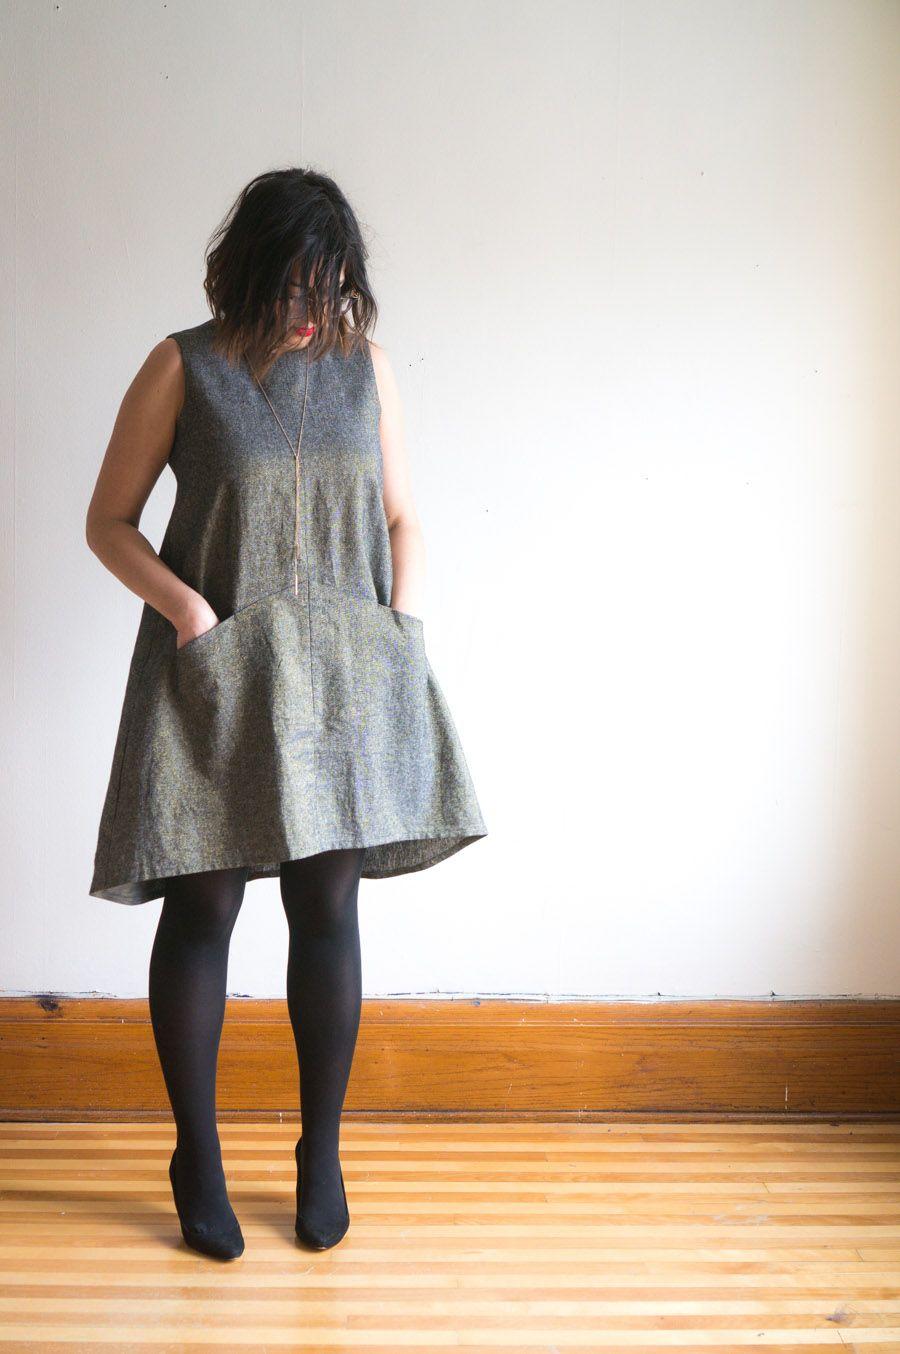 bbb70004d32 I love this Farrow Dress from Grainline Studio in metallic Essex Linen!  https